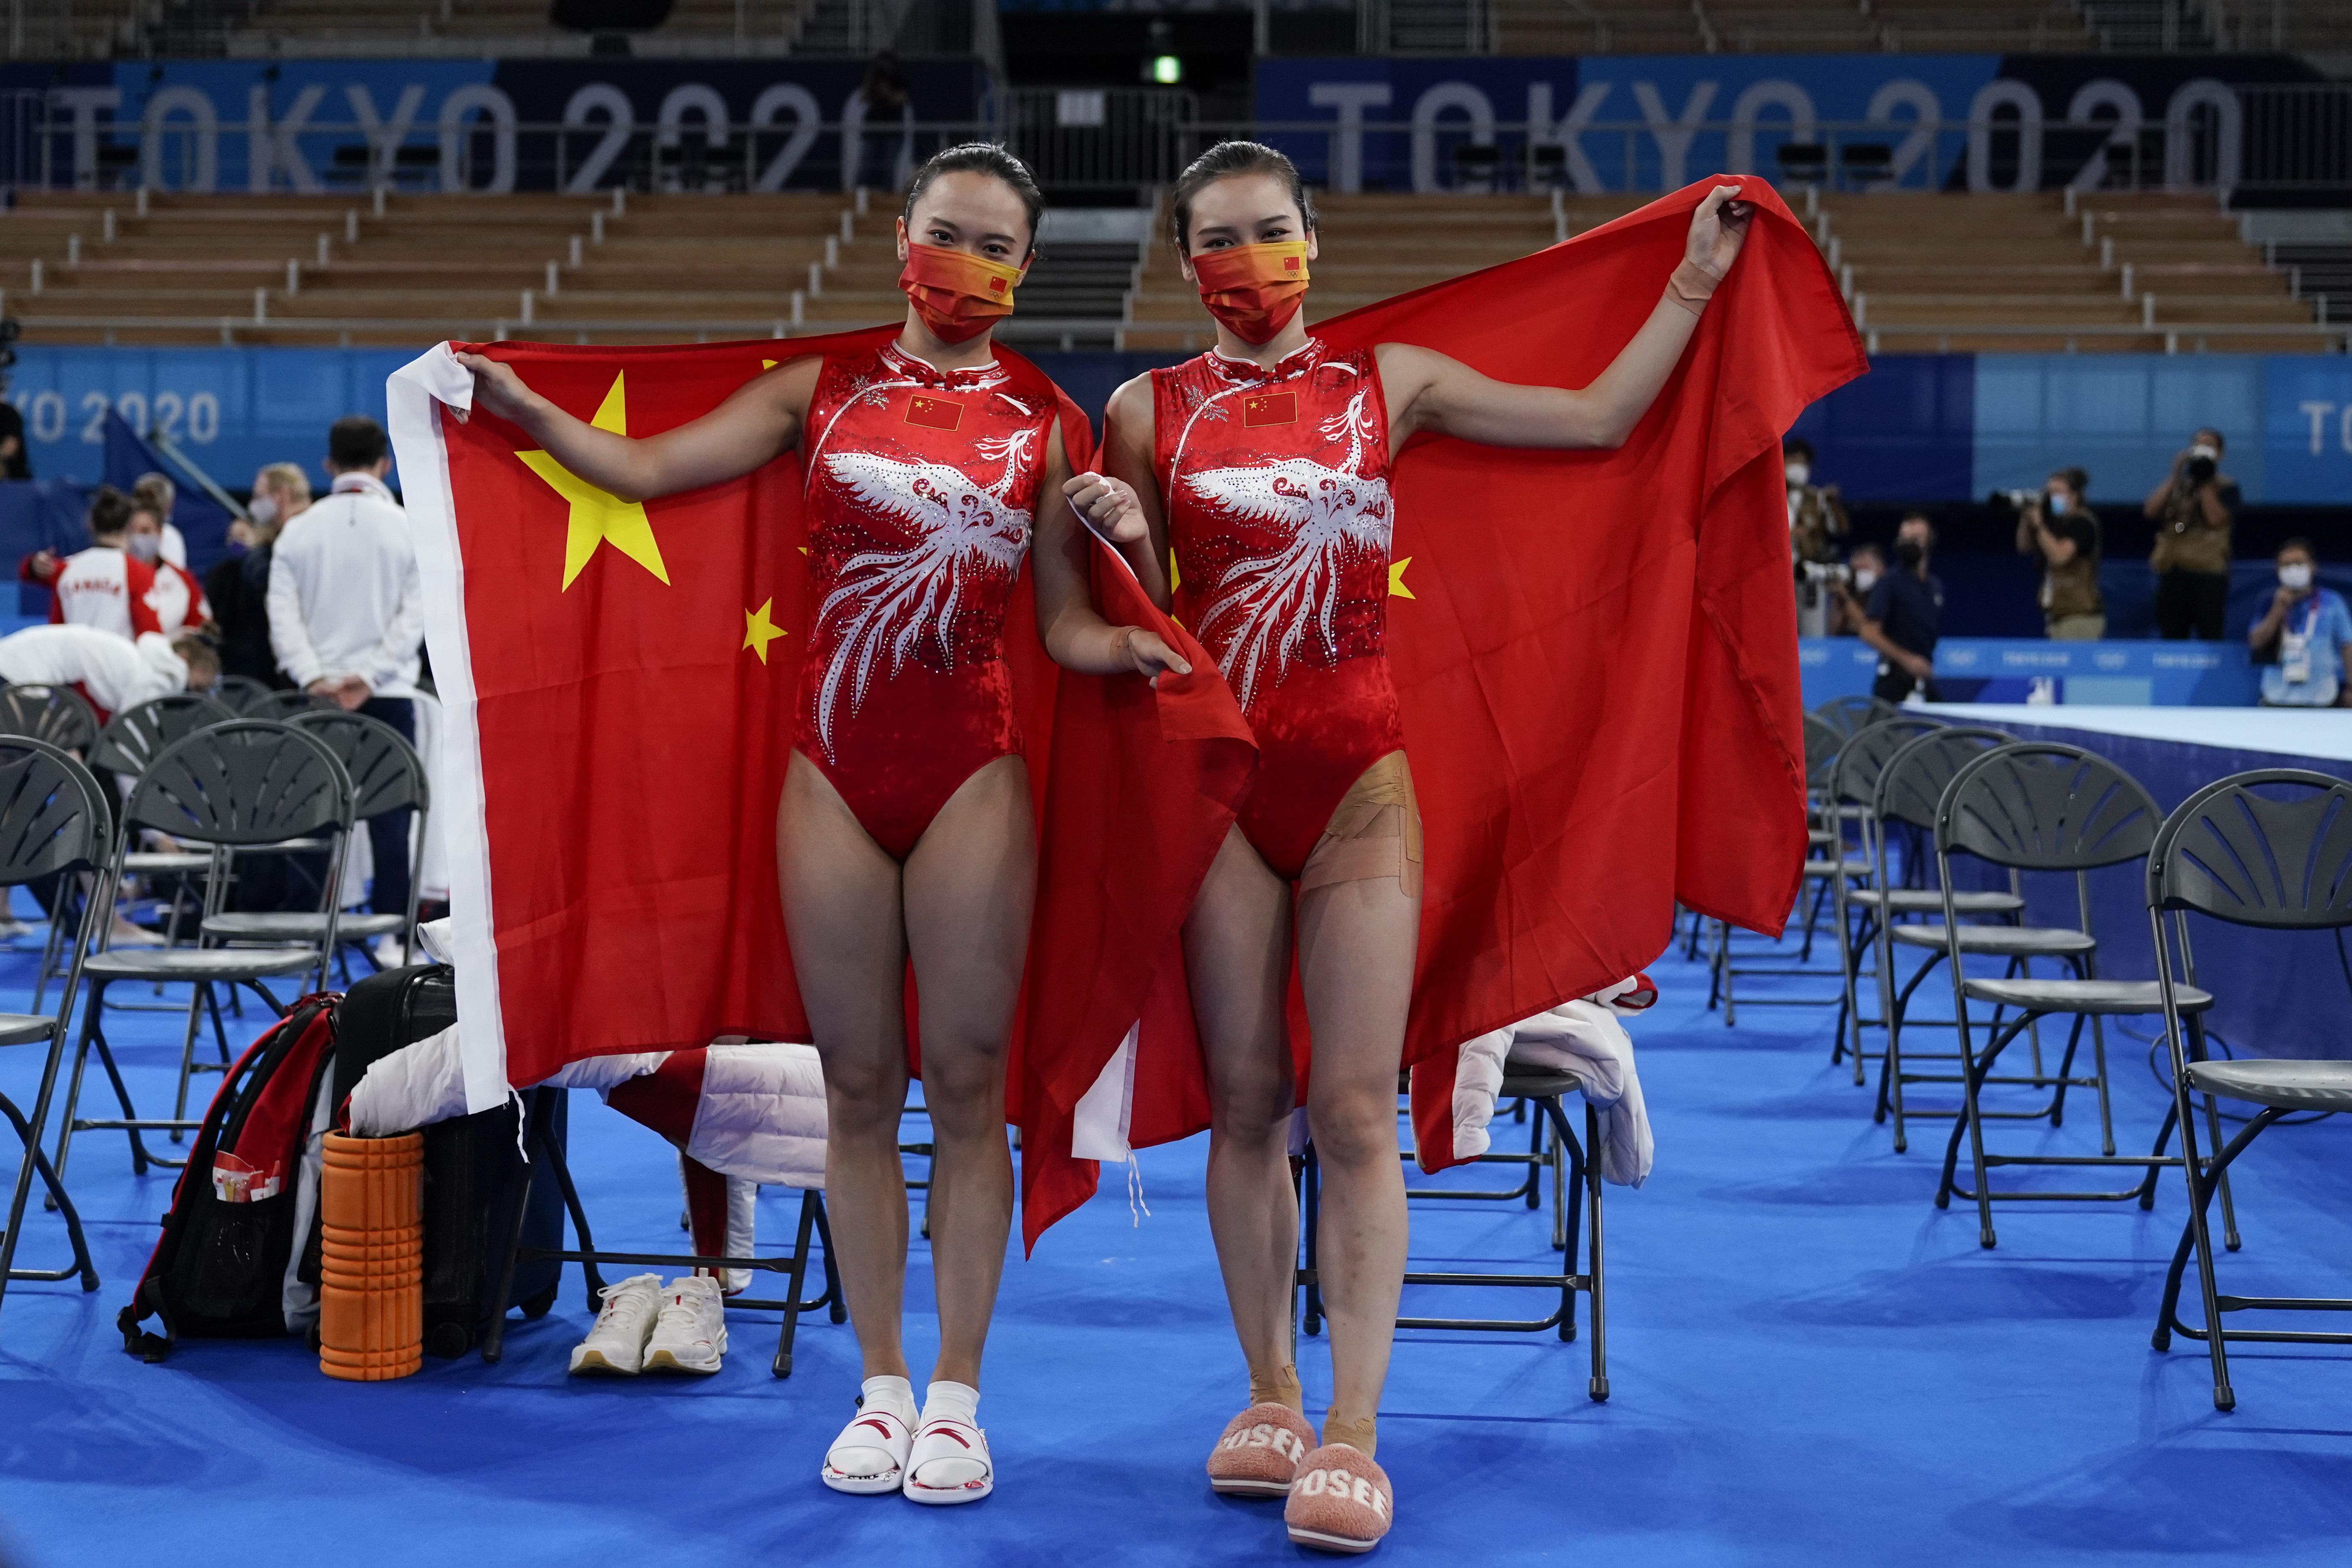 朱雪莹(左)和刘灵玲展示国旗。